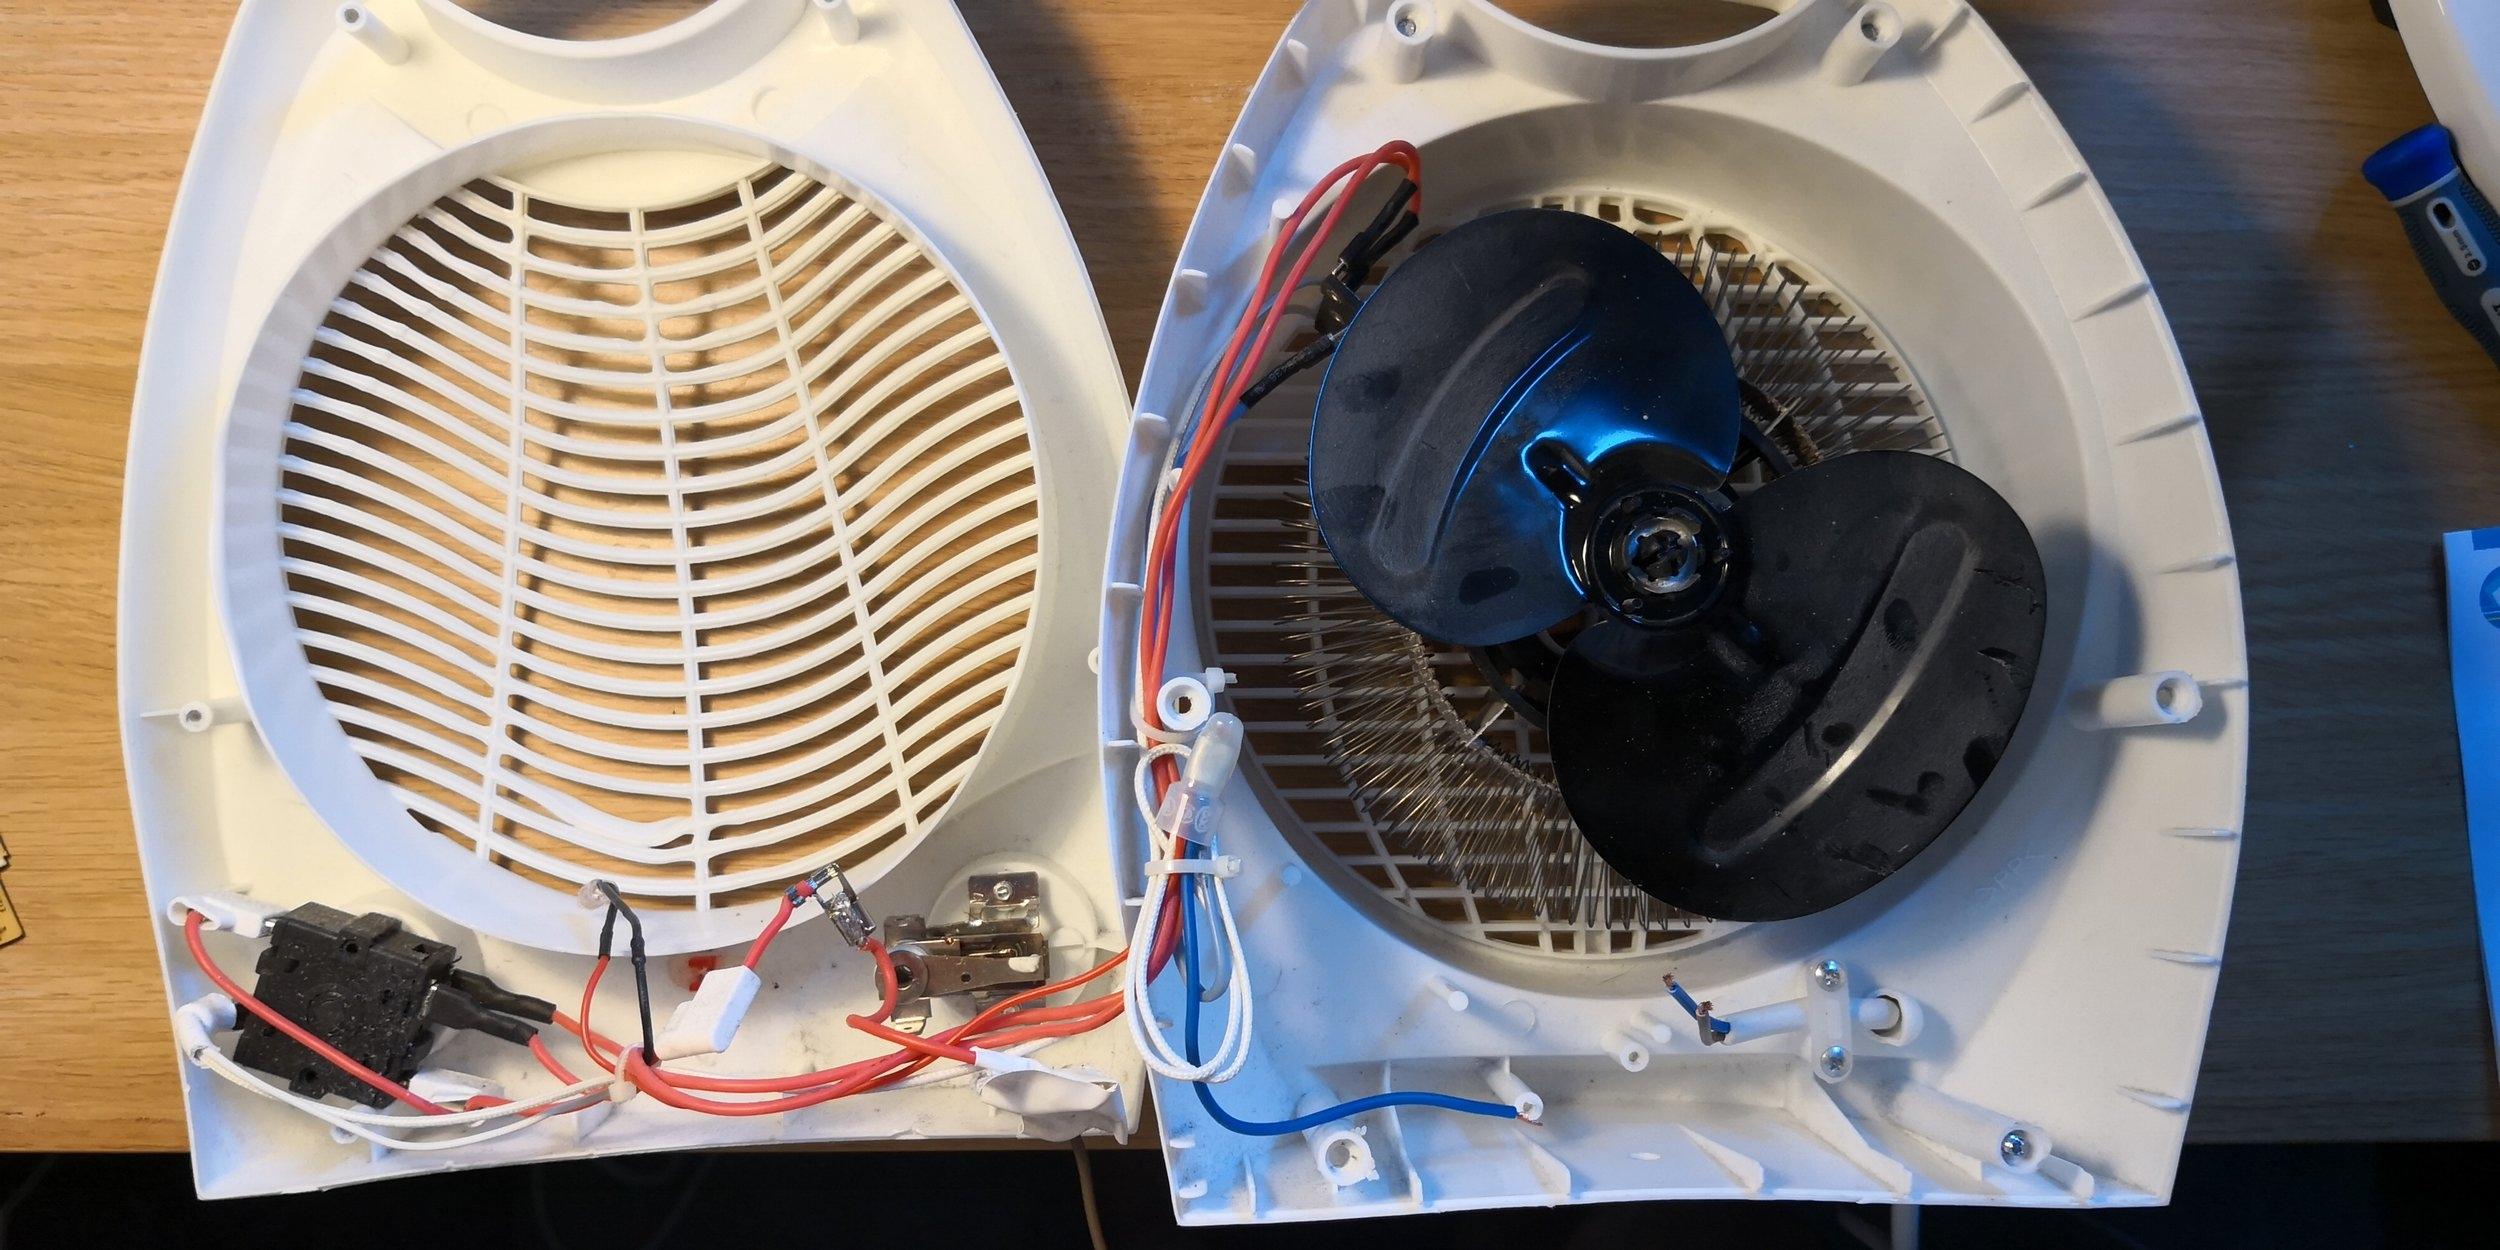 Värmefläkt från Kjell & Co.